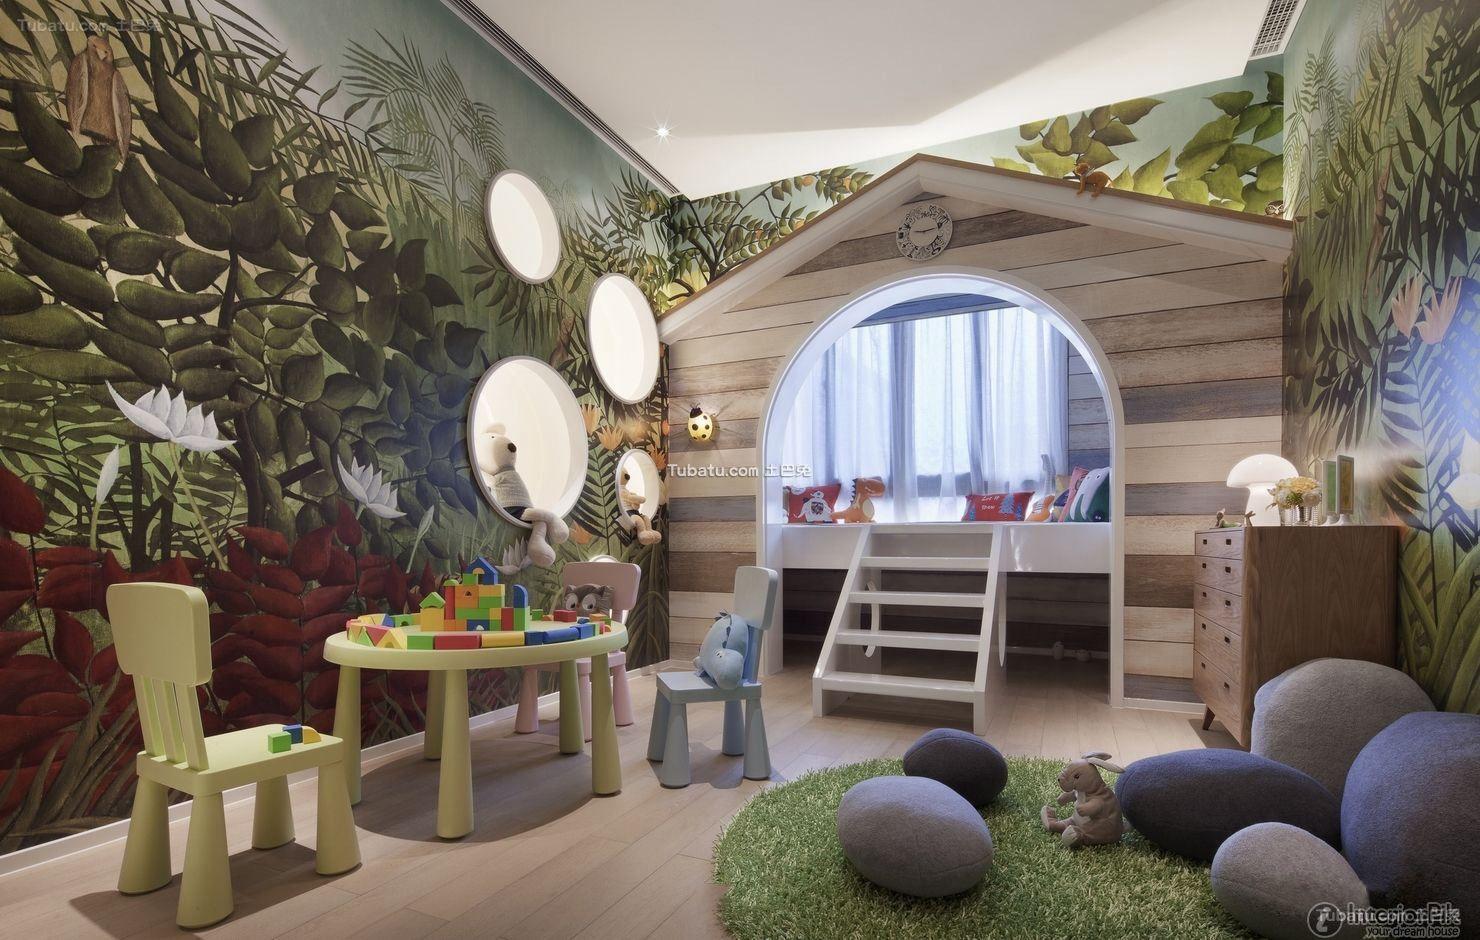 Scandinavian Design House scandinavian design children's room 2016 | children's room